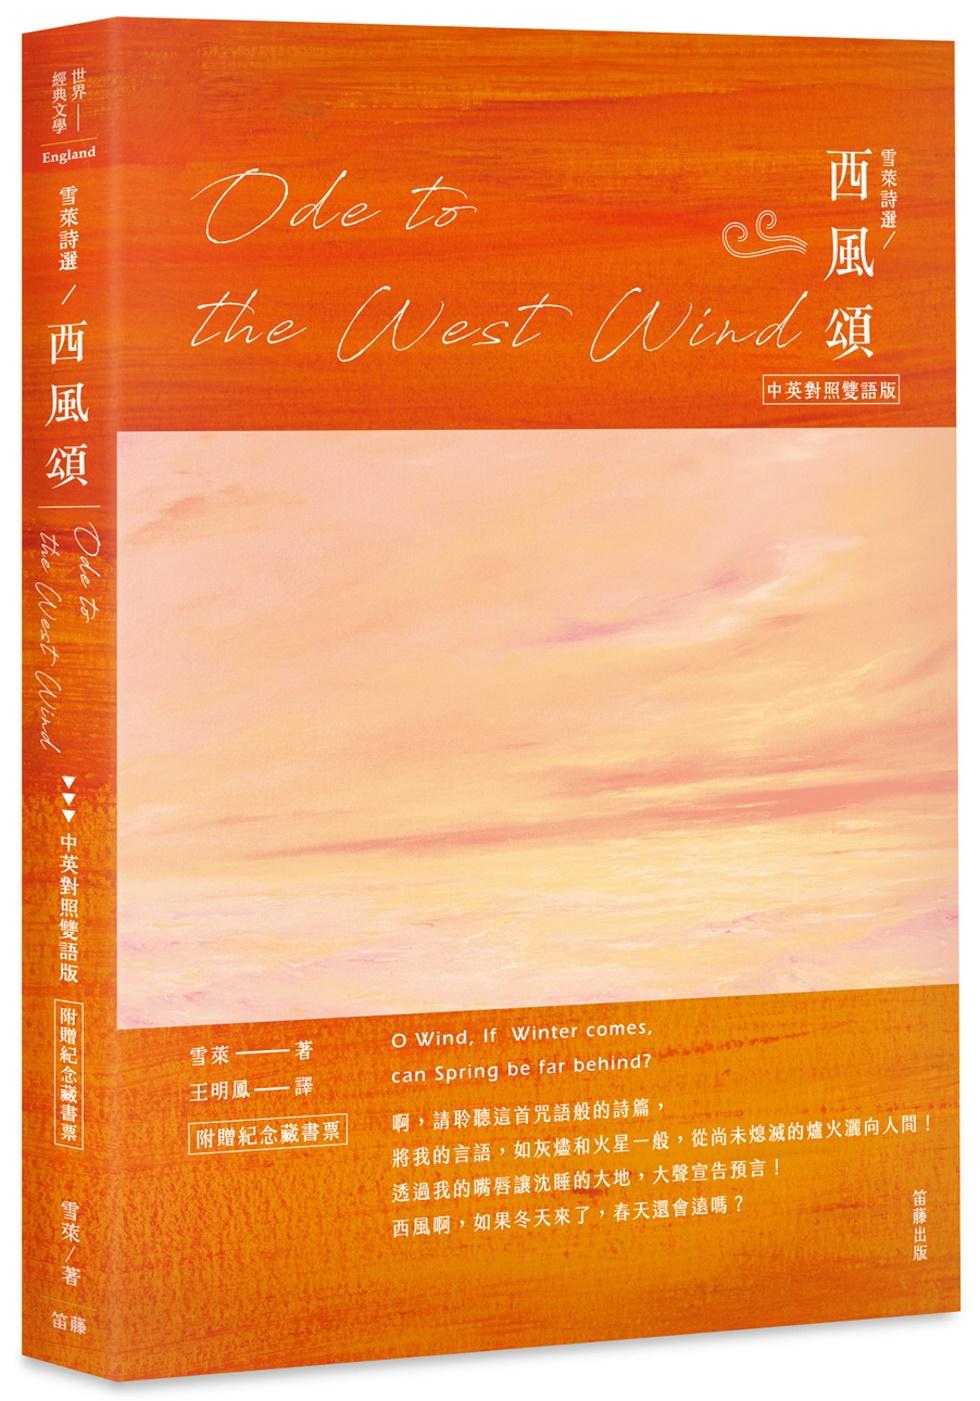 雪萊詩選 西風頌:中英對照雙語版(附贈紀念藏書票)